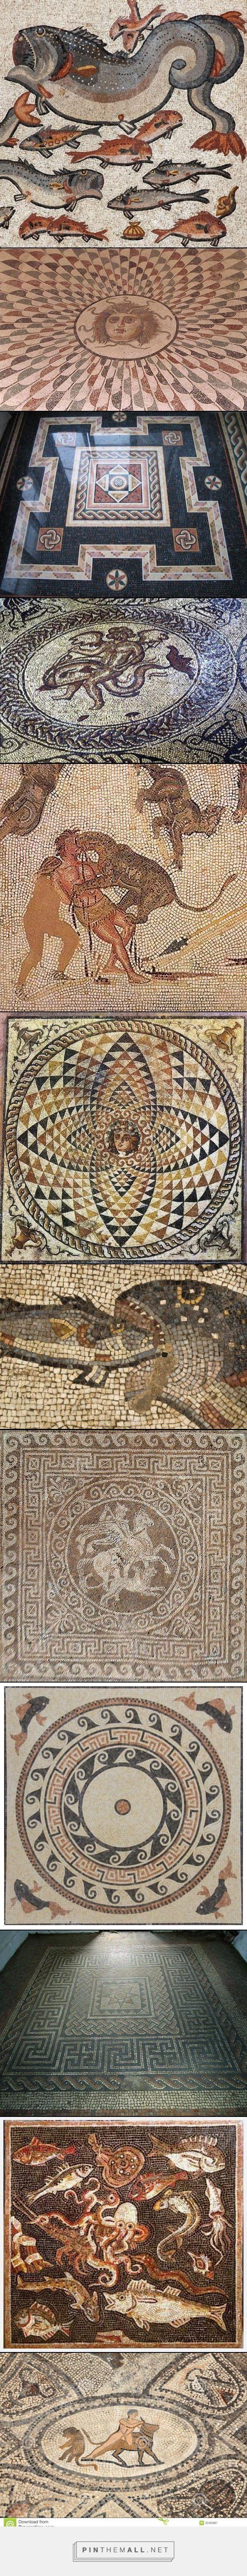 Римская мозаика - created via http://pinthemall.net